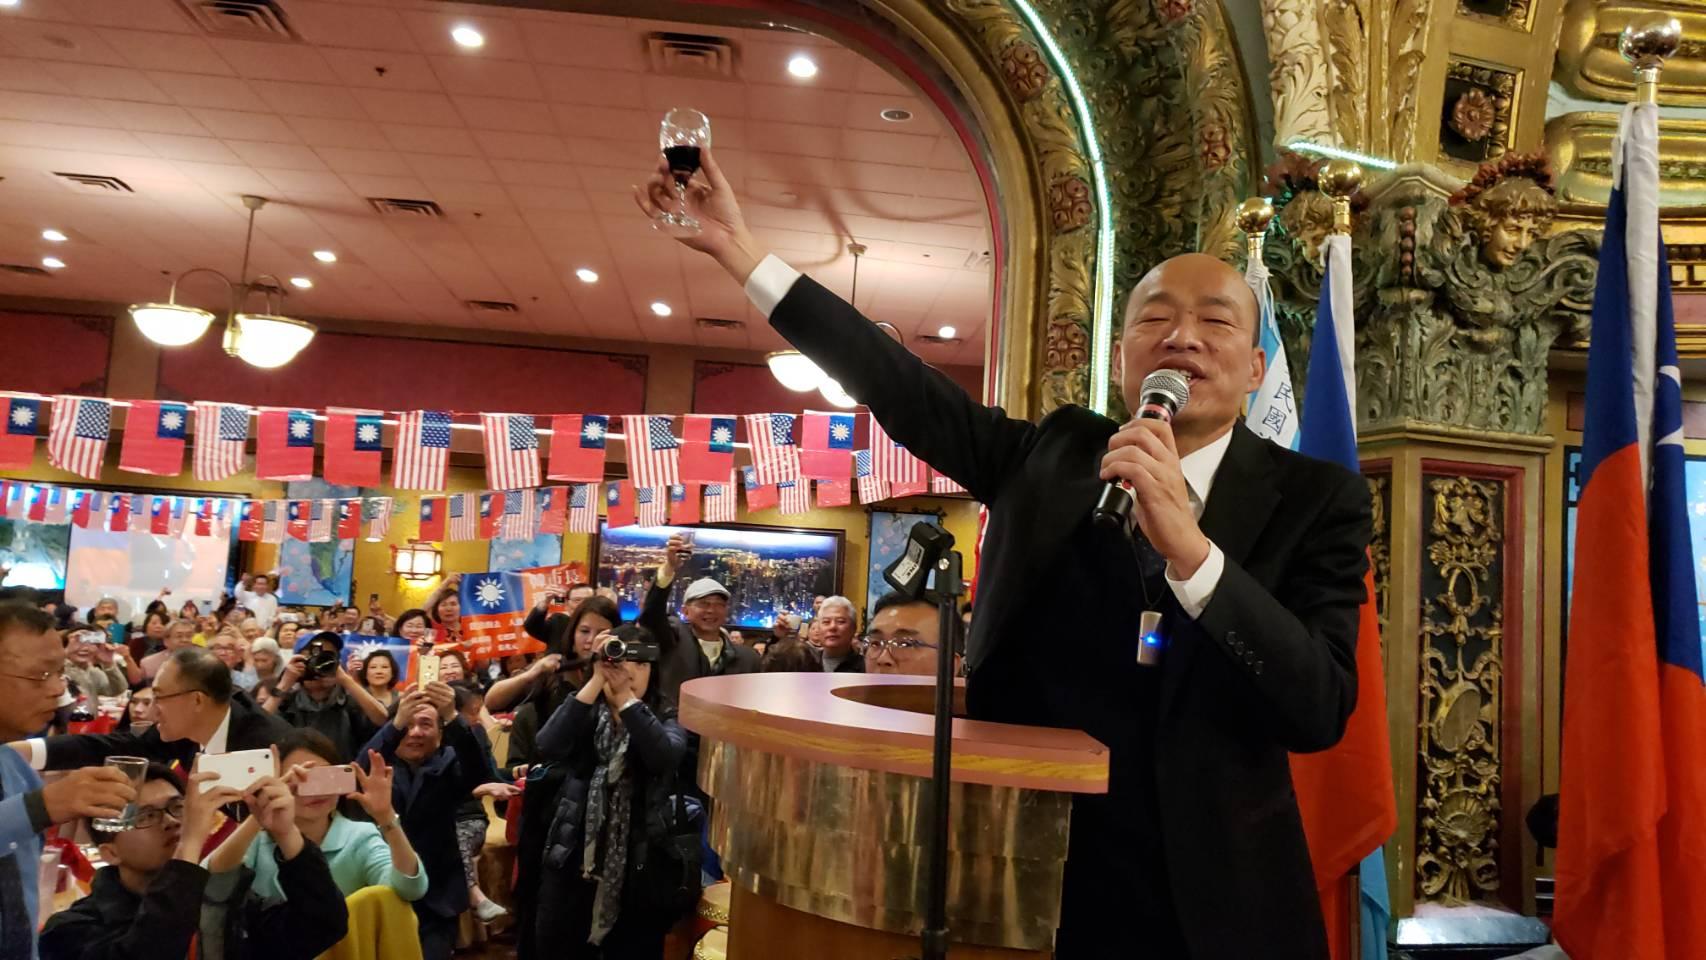 韓國瑜呼籲僑胞-明年1月11日回台投下神聖的一票 。記者唐嘉麗/攝影